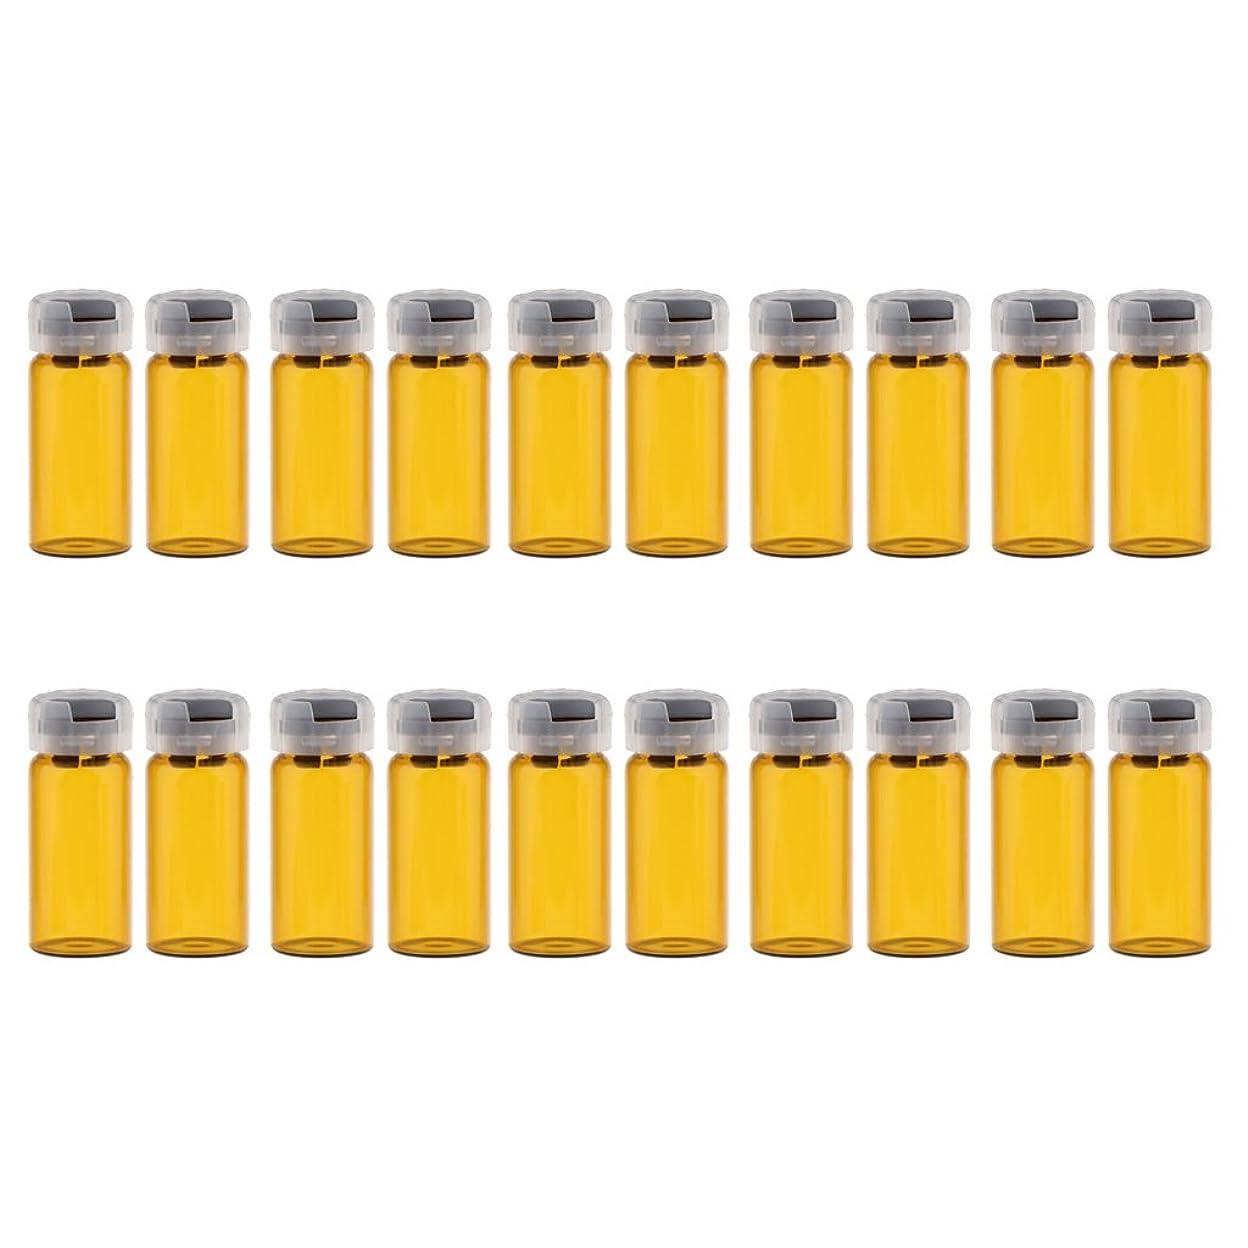 もしではごきげんよう薬理学空 バイアル 密封 滅菌バイアル ガラス 液体容器 約20個 全3サイズ - 10ml